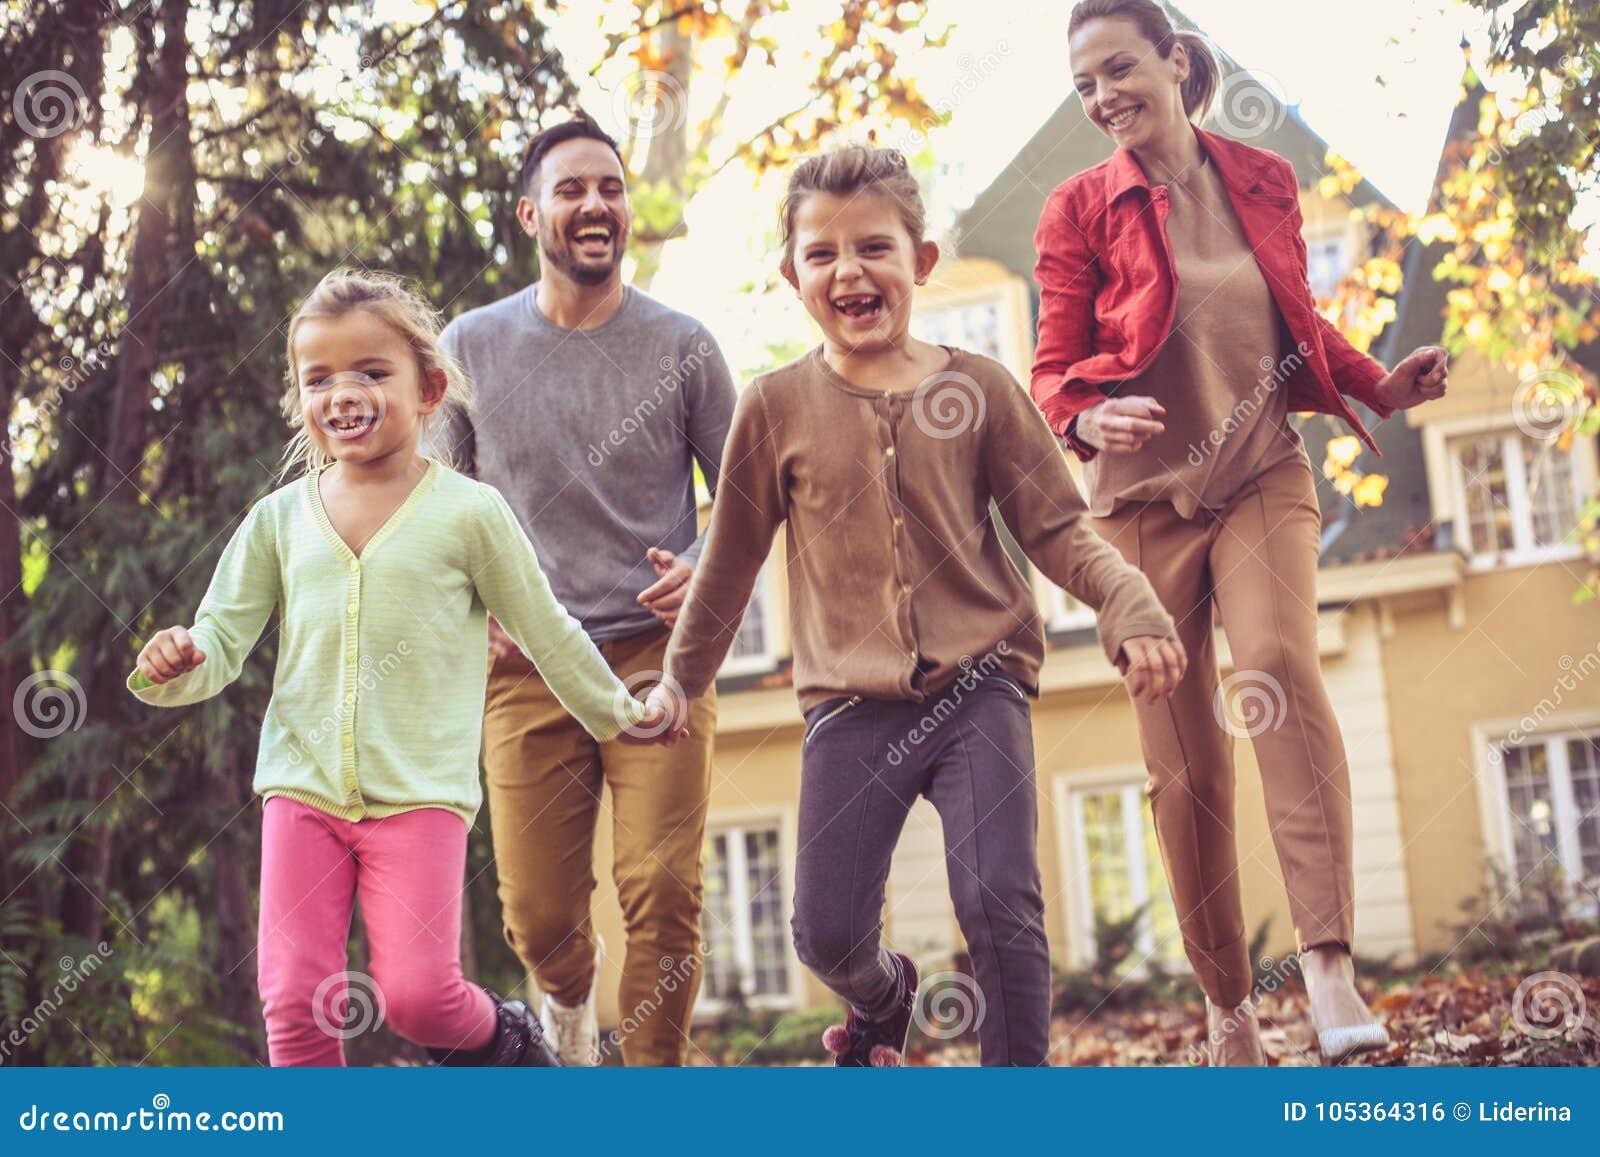 Le foglie correnti di caduta della depressione è divertimento per tutta la famiglia